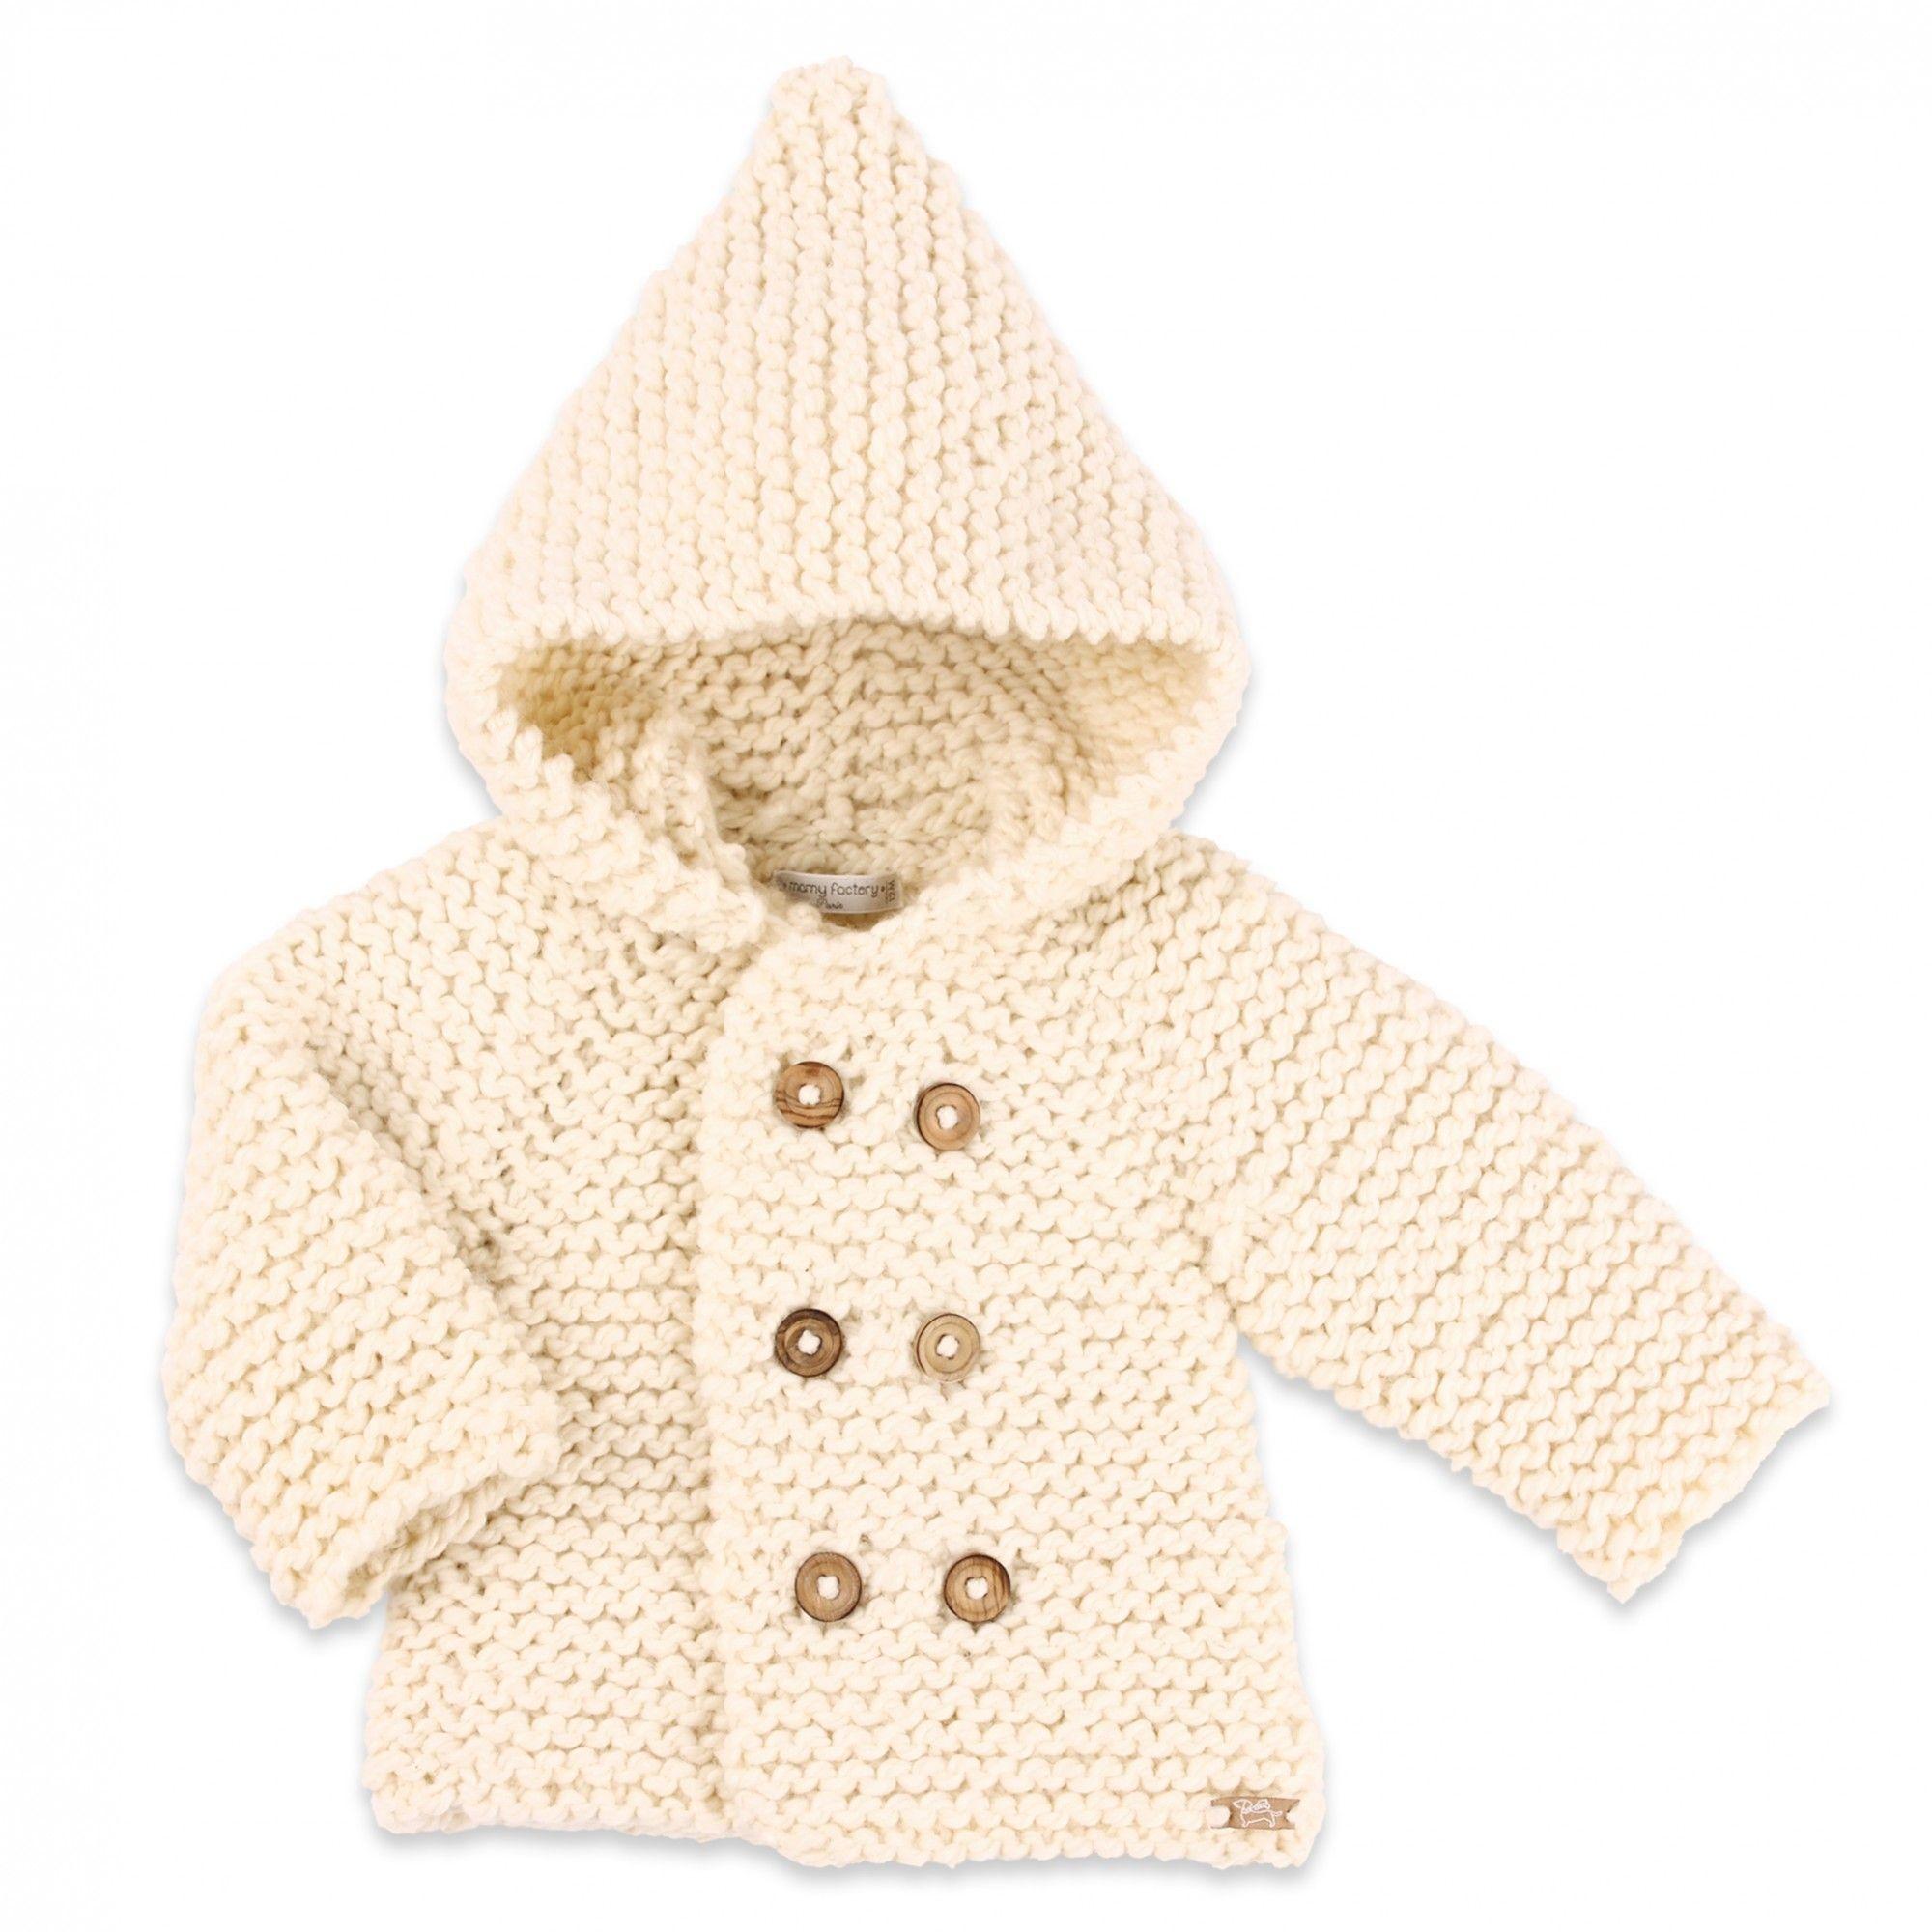 a6bce93af32d1 Les tricots de mamy - Manteau bébé enfant gris chiné et marron en laine et  alpaga - Mamy Factory